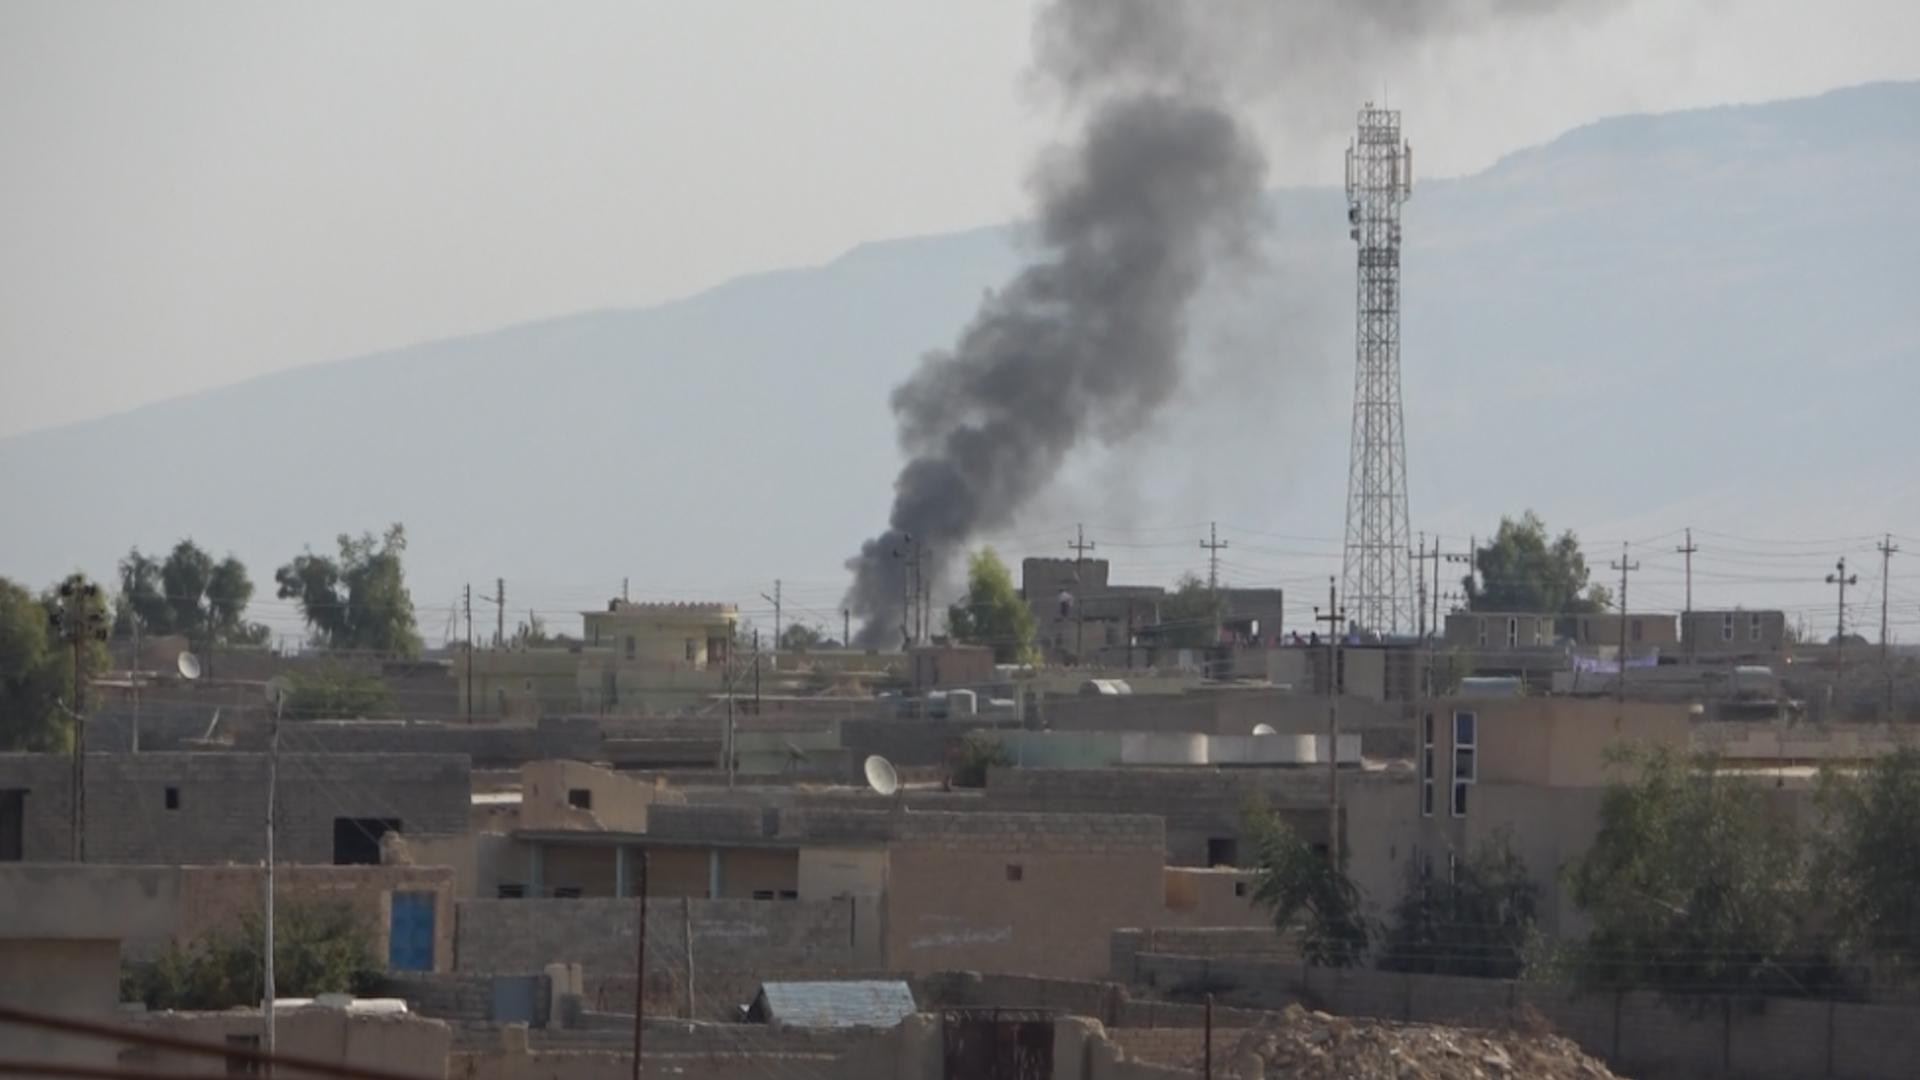 Photo of Balafira bê mirov a artêşa Tirk Xanesorê bombebaran kirin